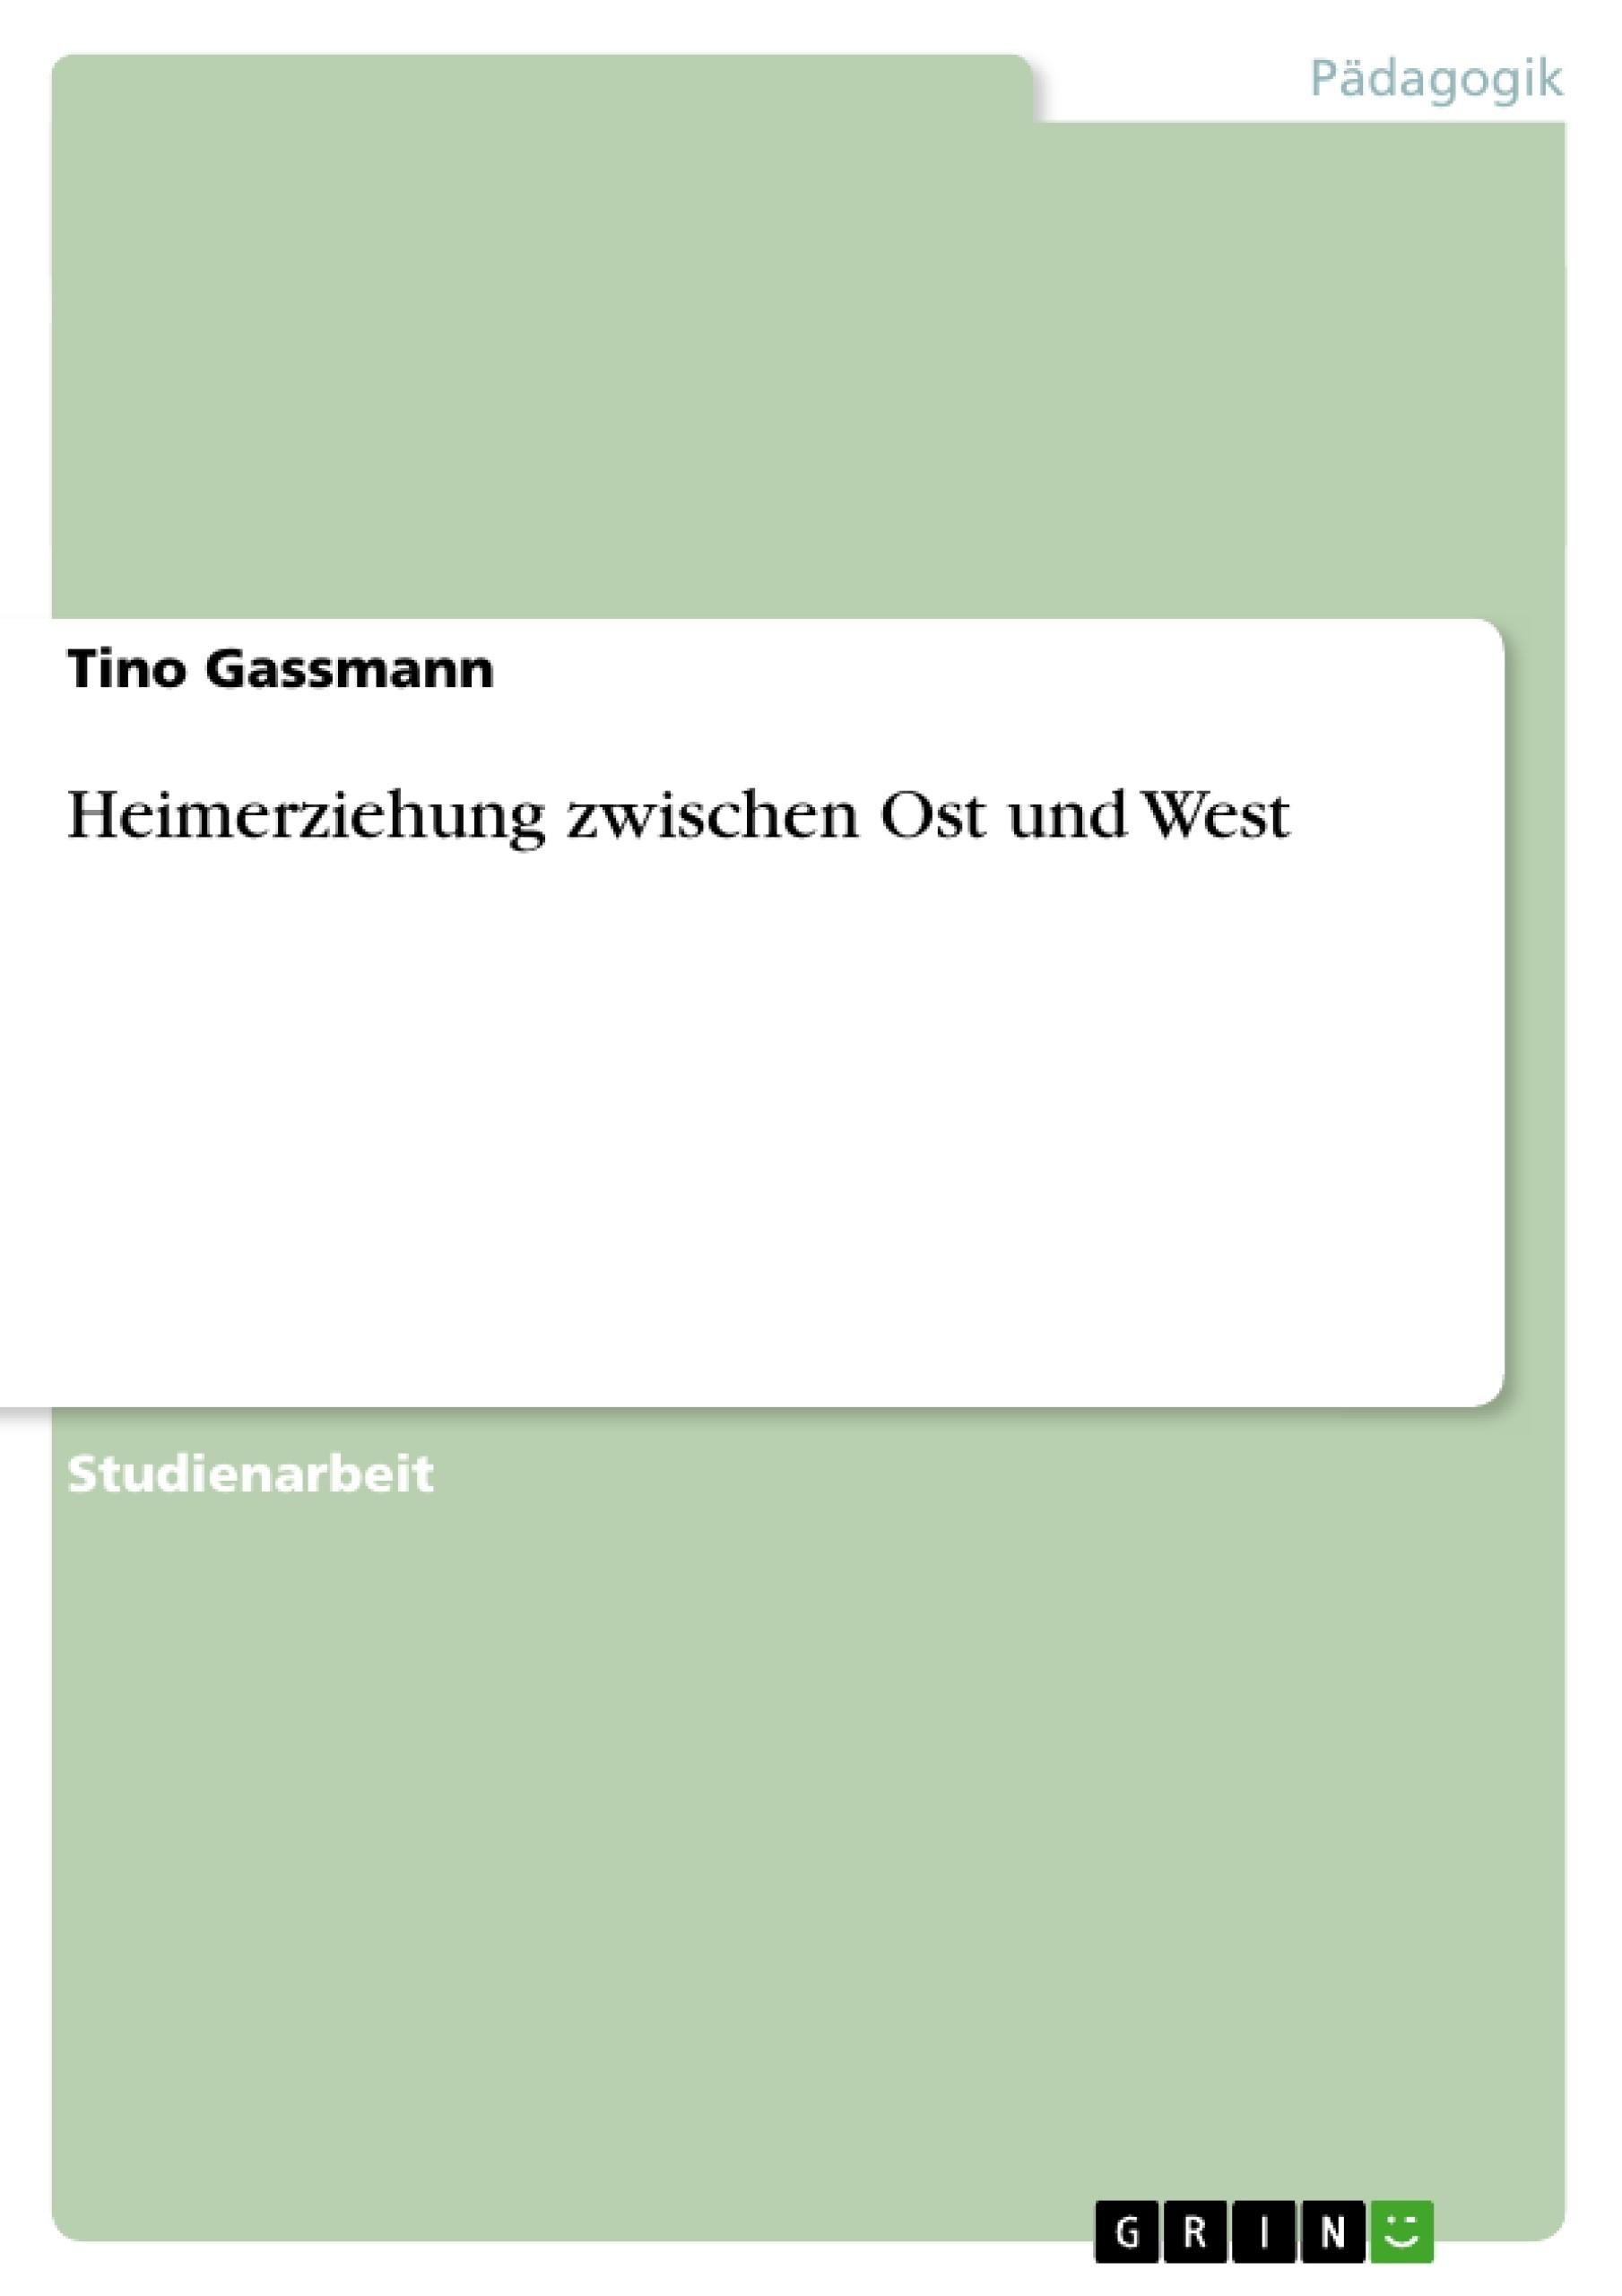 Titel: Heimerziehung zwischen Ost und West